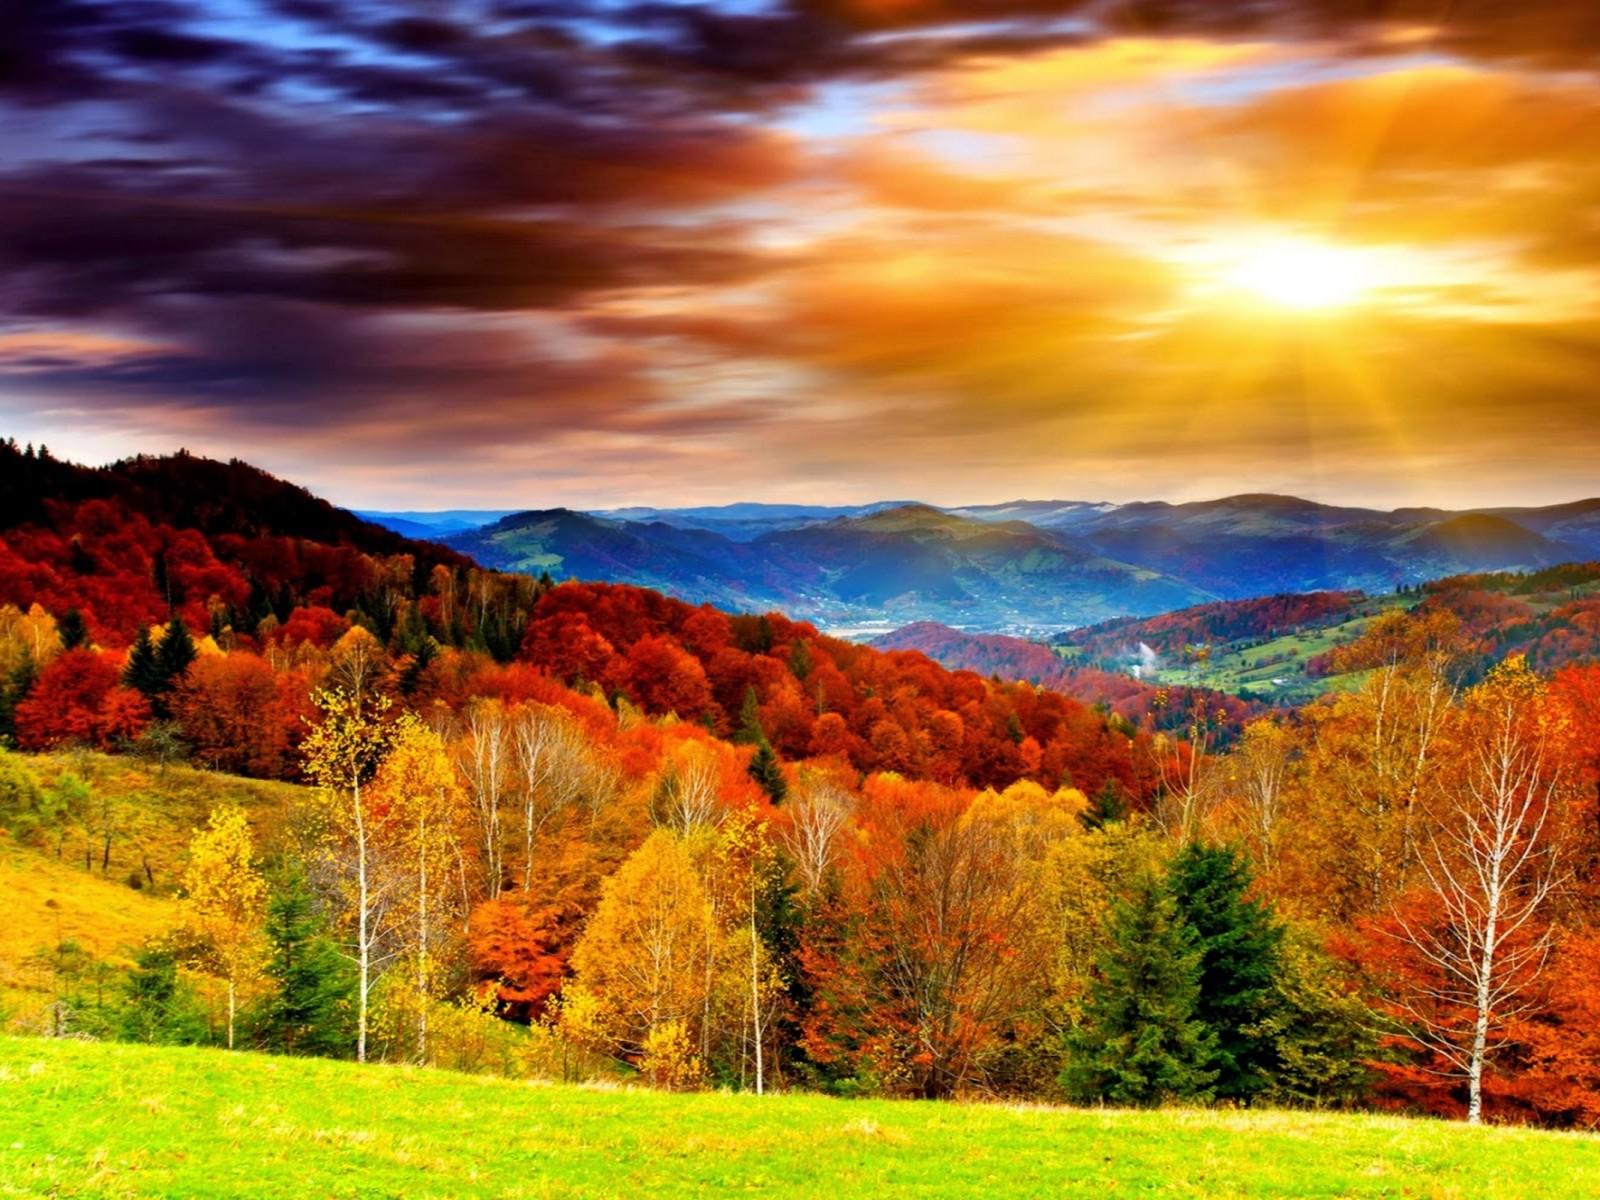 Desktop Wallpaper Beautiful Scenery , HD Wallpaper & Backgrounds